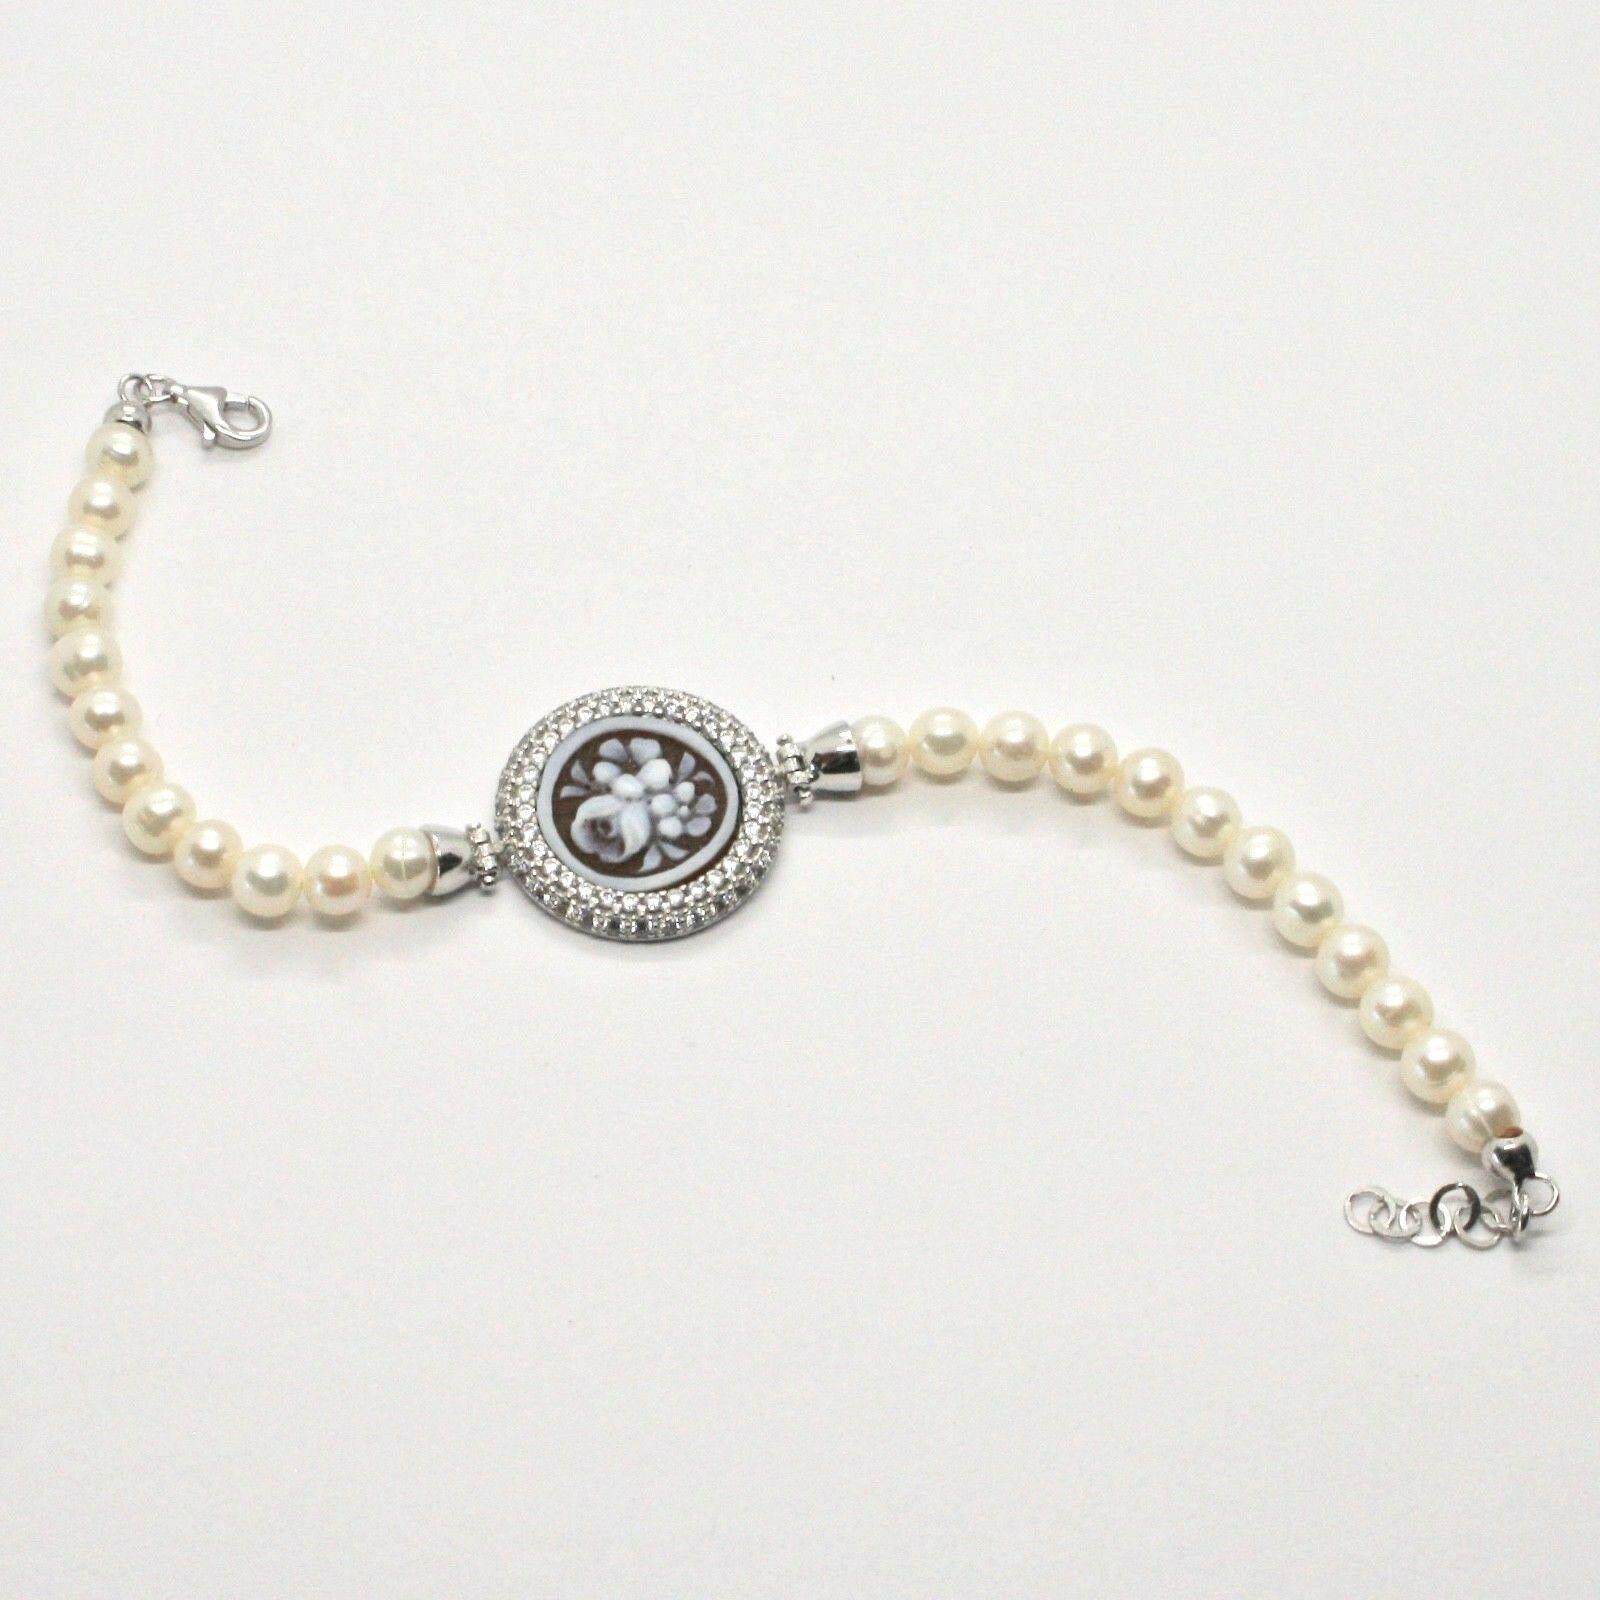 Armband 925 Silber mit Perlen Wasser Dolce Kamee Kamee Zirkonia Kubische image 6